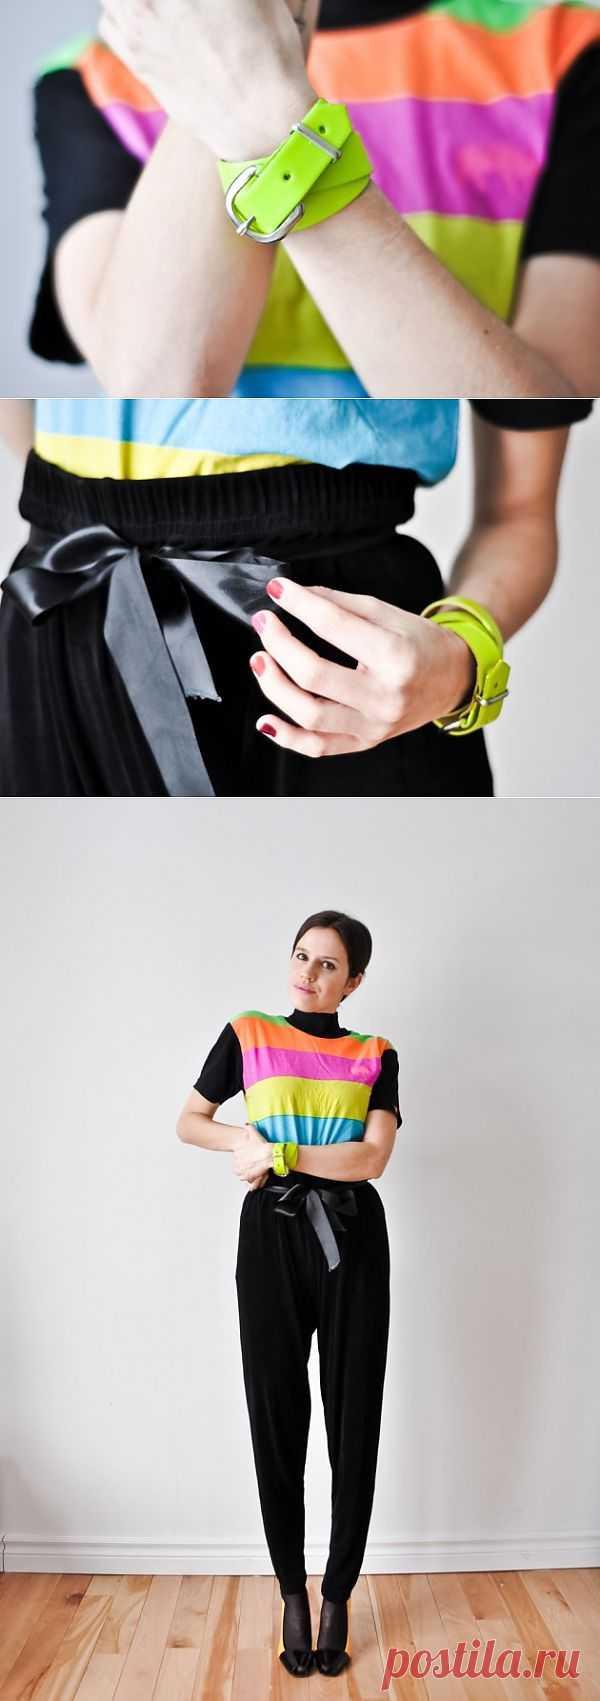 Браслет из ремня (Diy) / Ремни / Модный сайт о стильной переделке одежды и интерьера